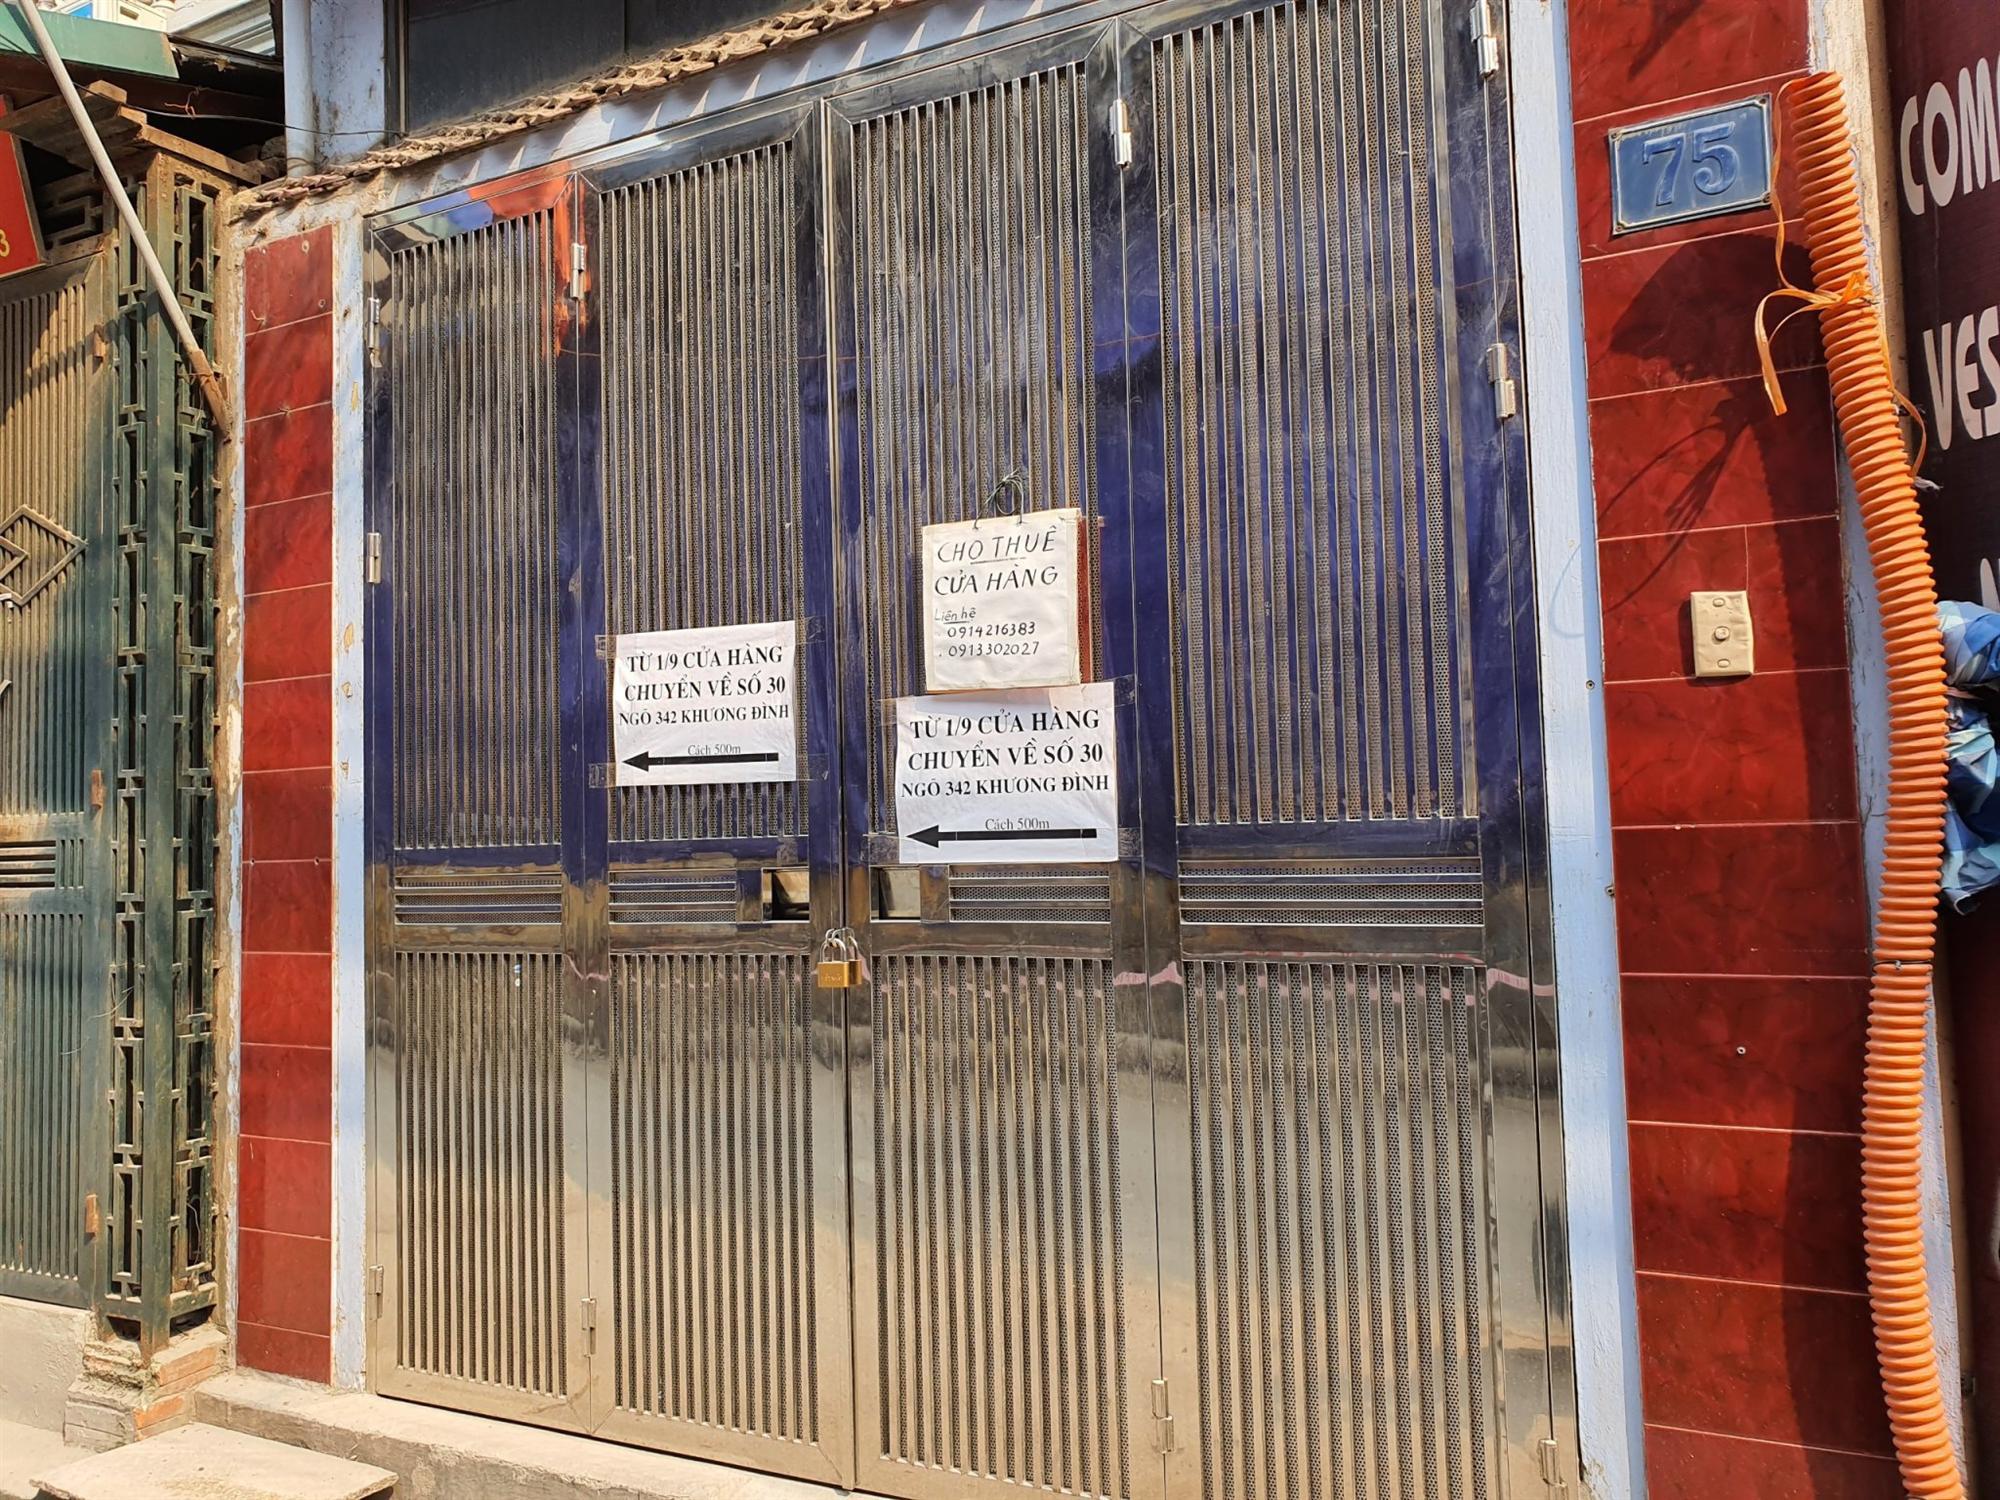 Hàng quán đóng cửa sang nhượng, dân quanh khu Rạng Đông thi nhau bán nhà-6